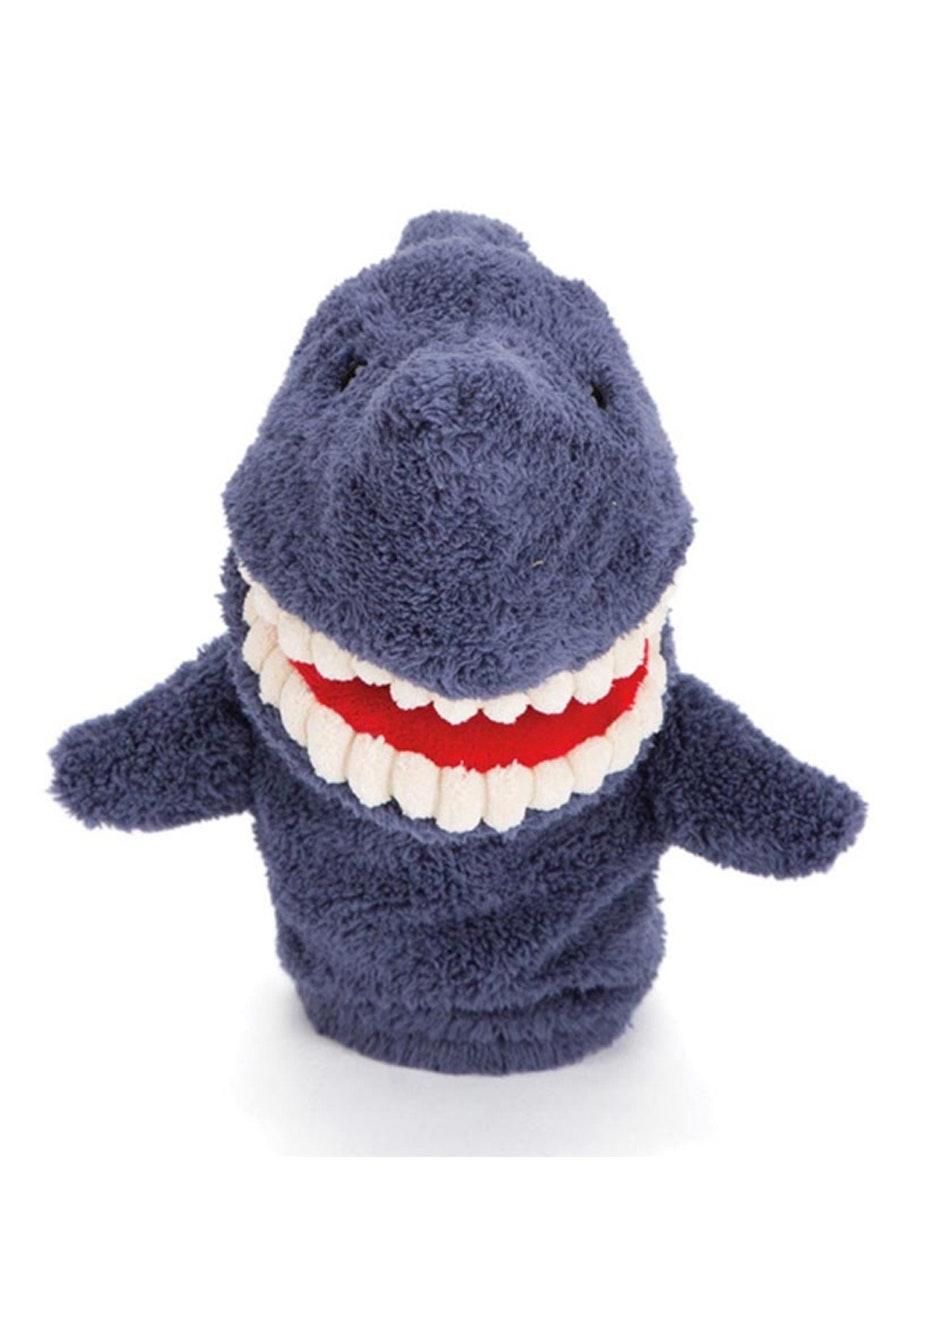 Toothy Shark Hand Puppet